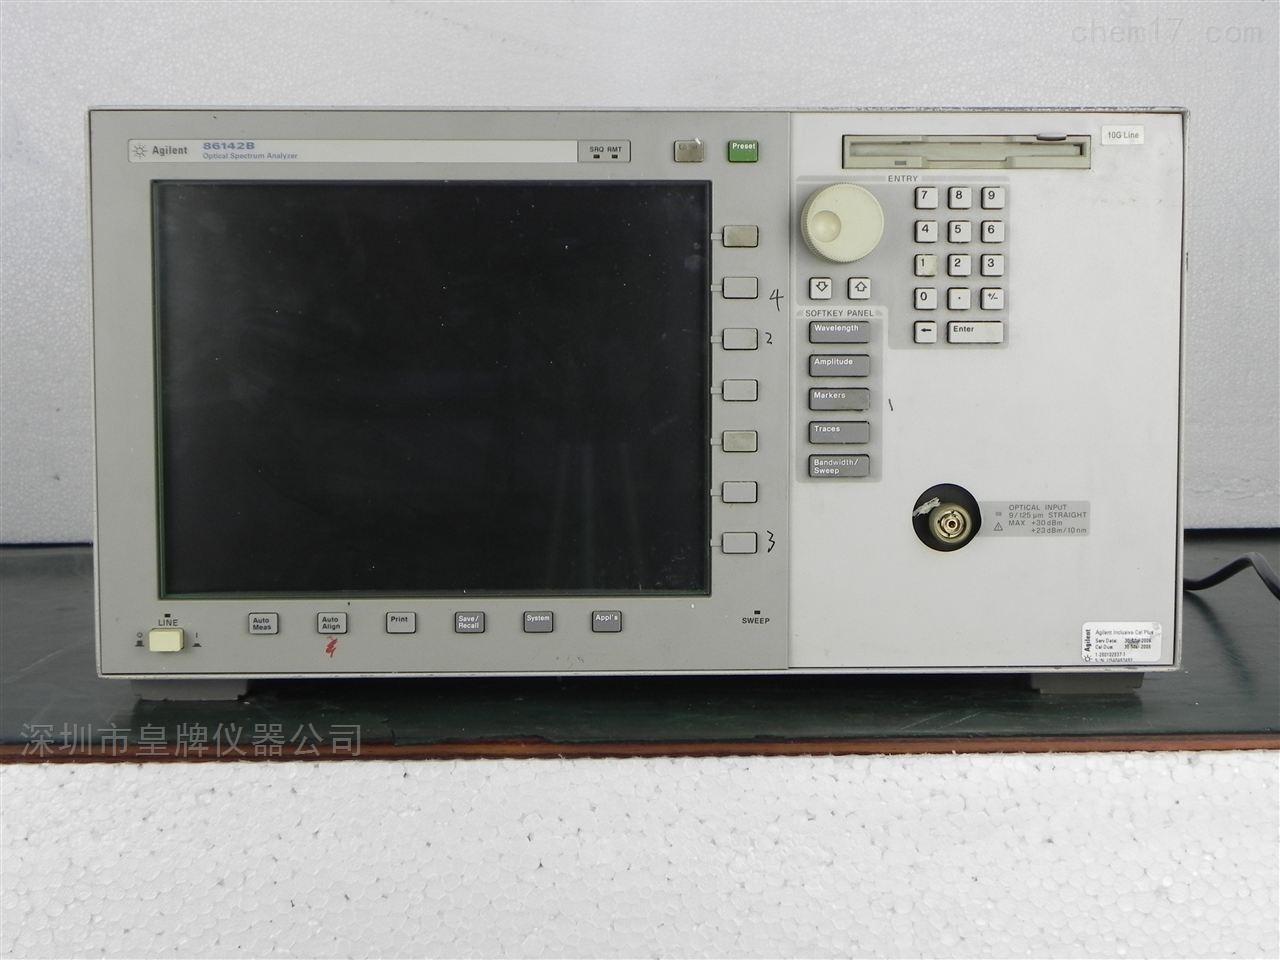 86142B 安捷伦 光谱分析仪